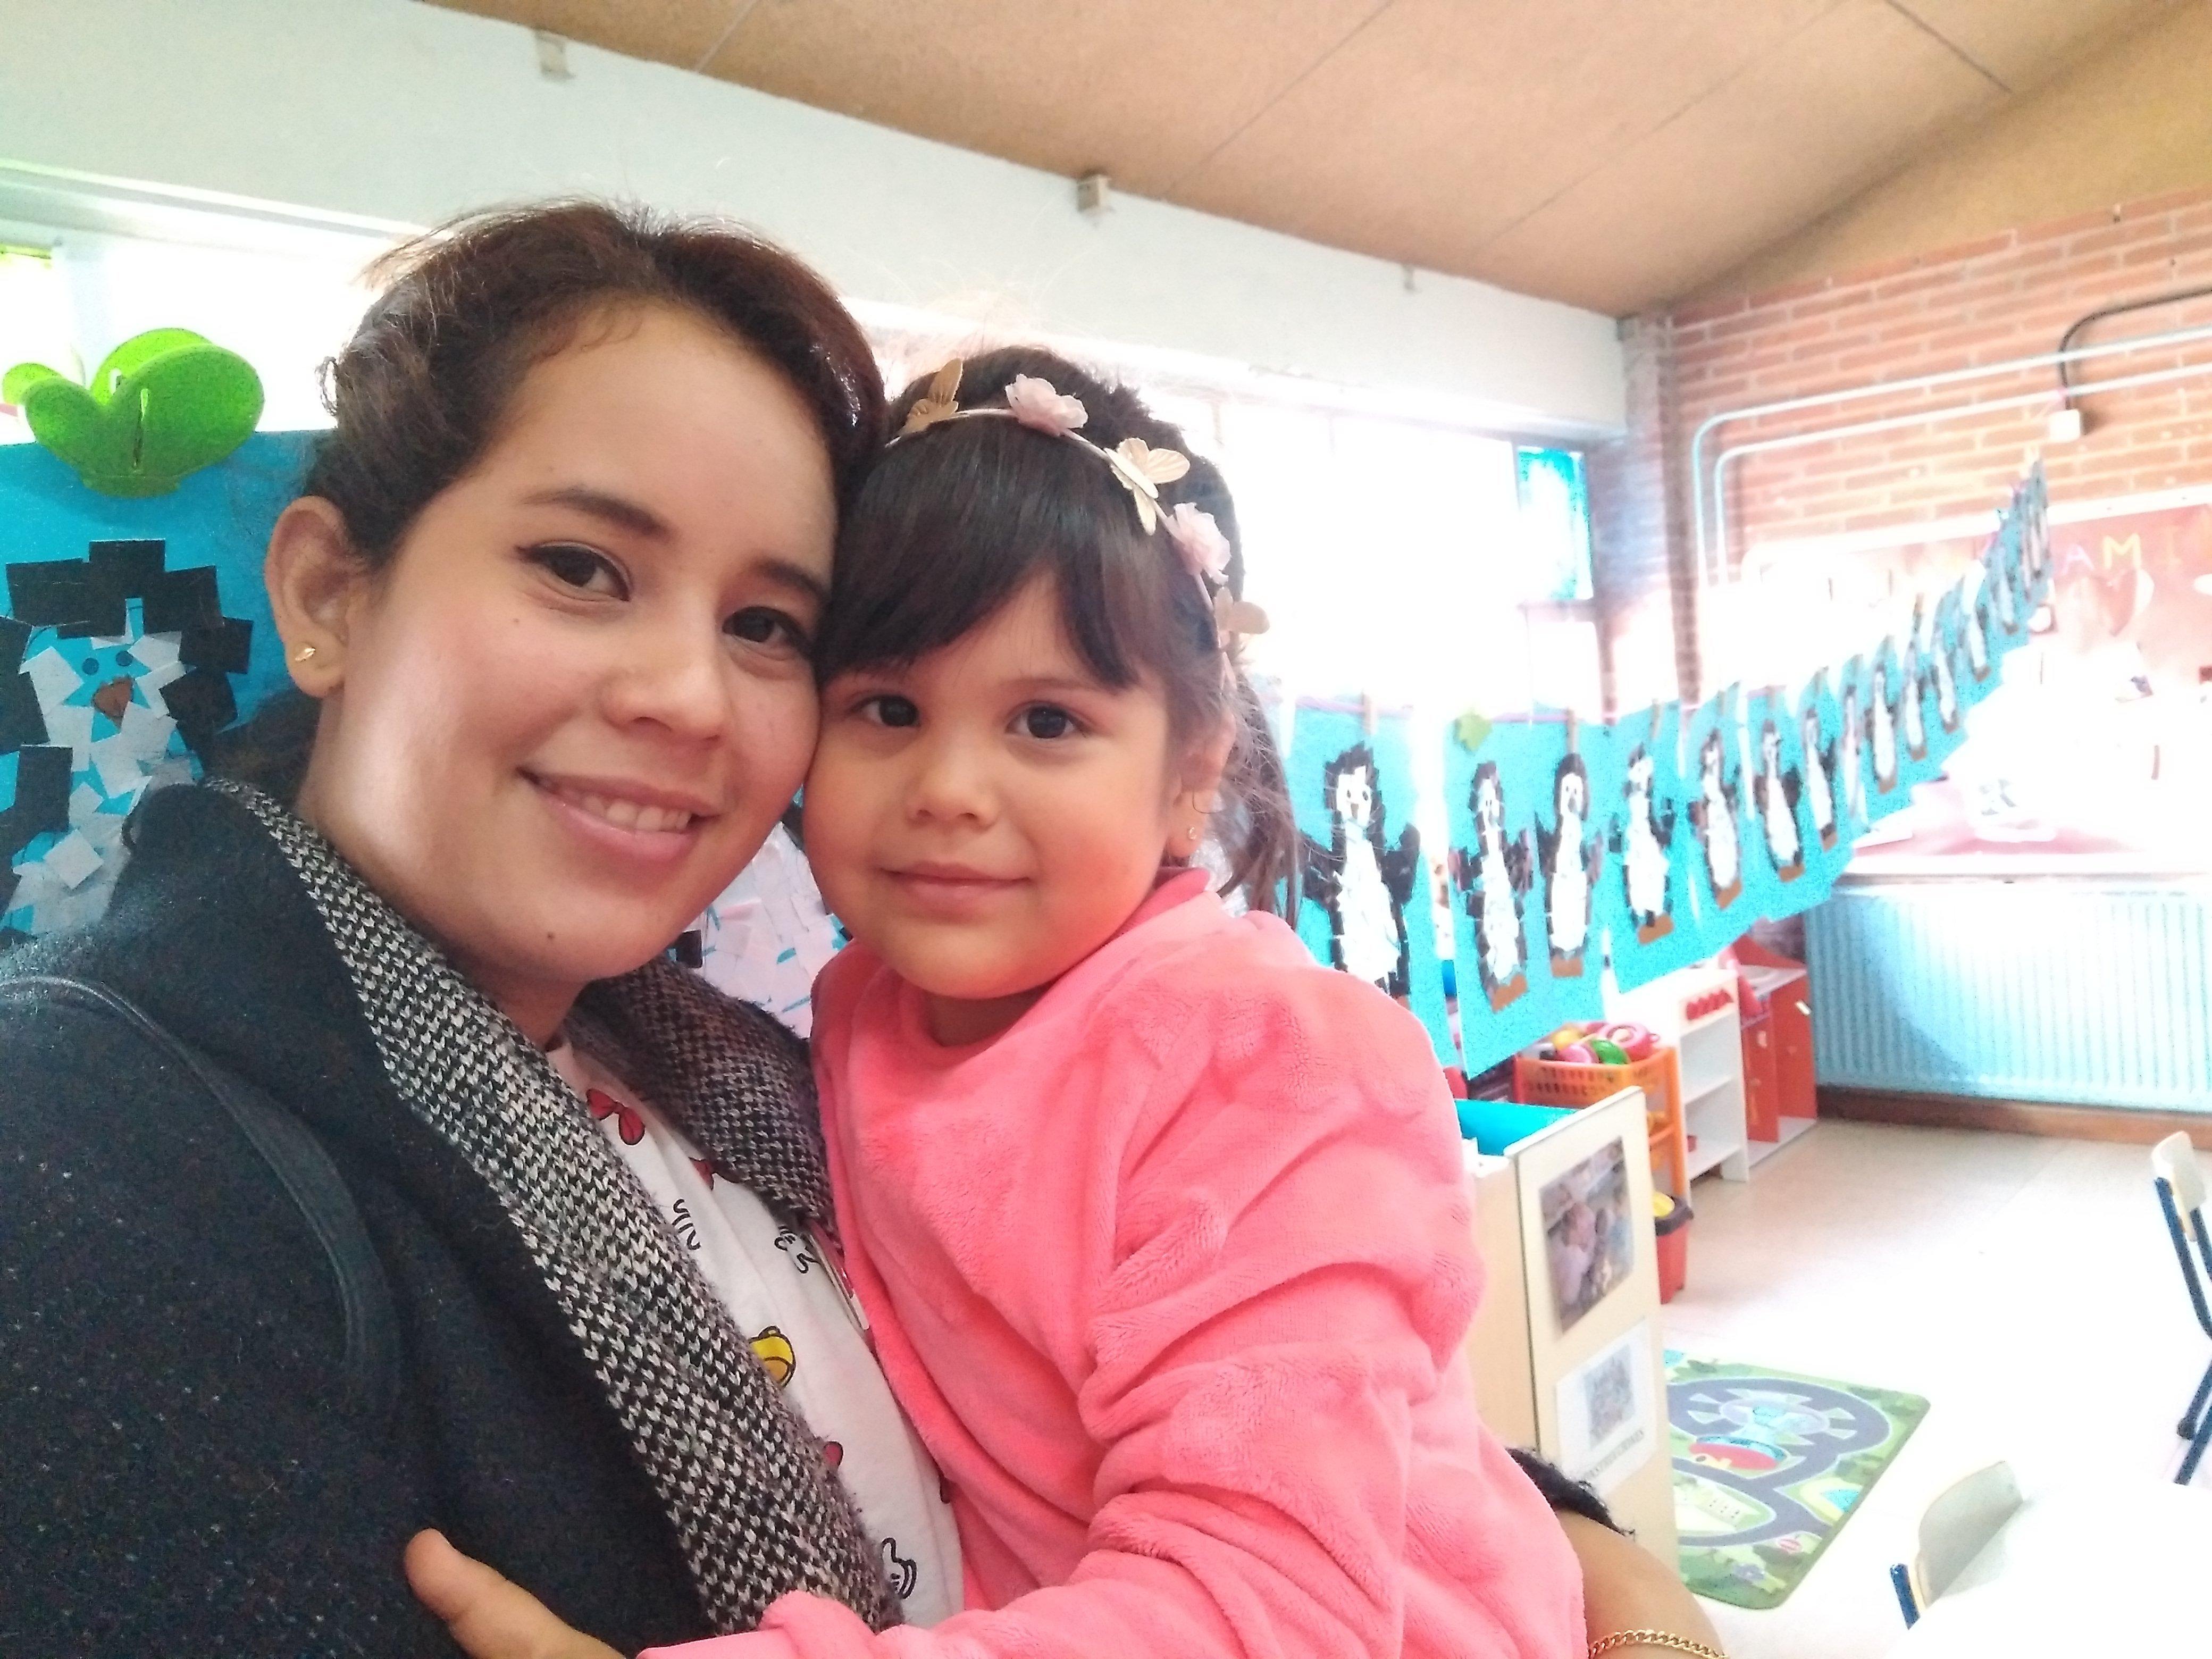 Infantil 3 años en la granja_CEIP Fernando de los Ríos_Las Rozas_2017-2018 6